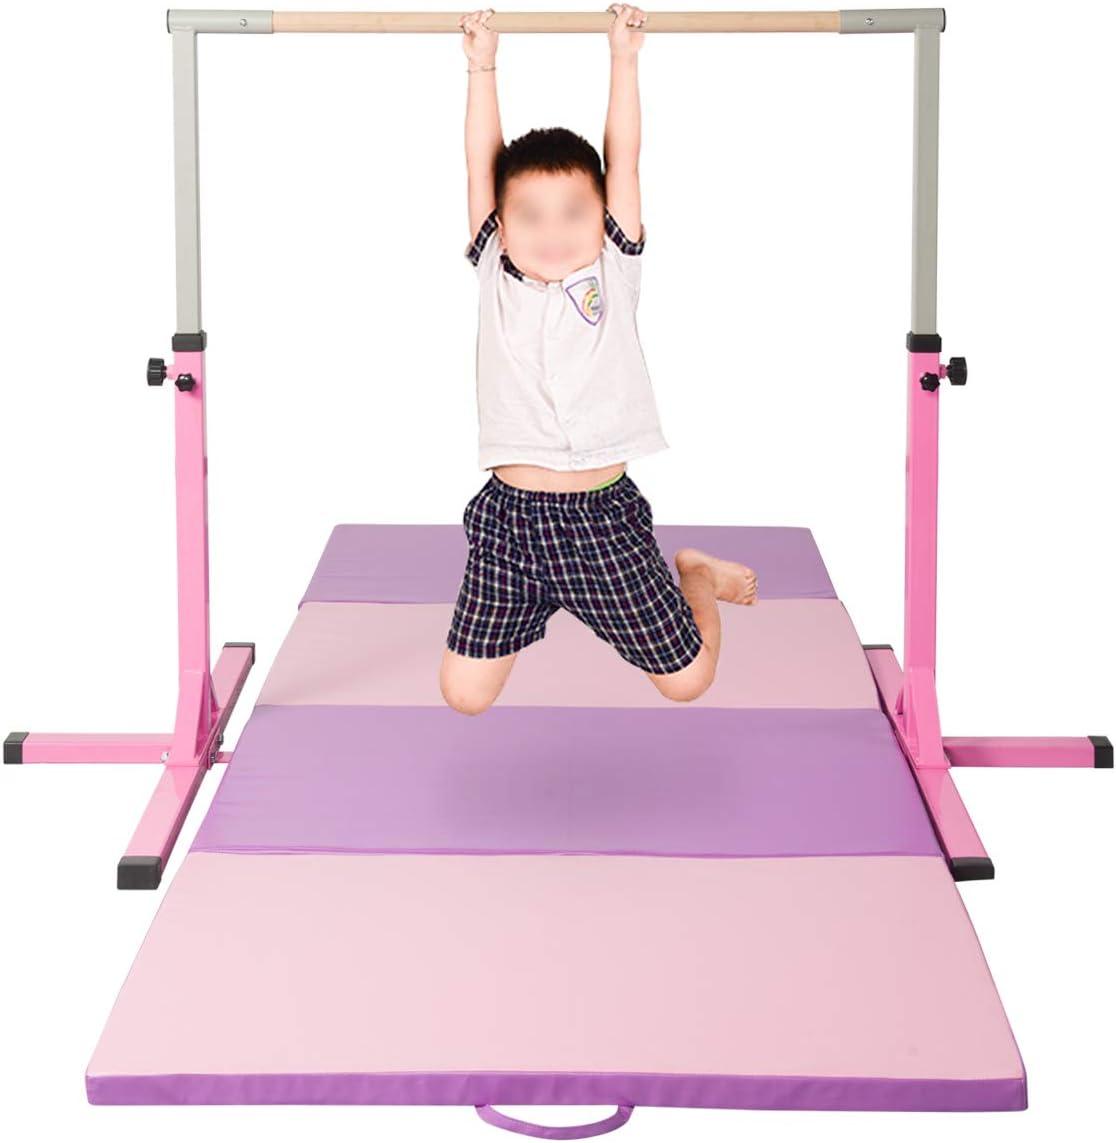 KOOLWOOM 厚手 折りたたみパネル 体操マット ジム フィットネス エクササイズマット ピンク Bar+Mat 4'x10'